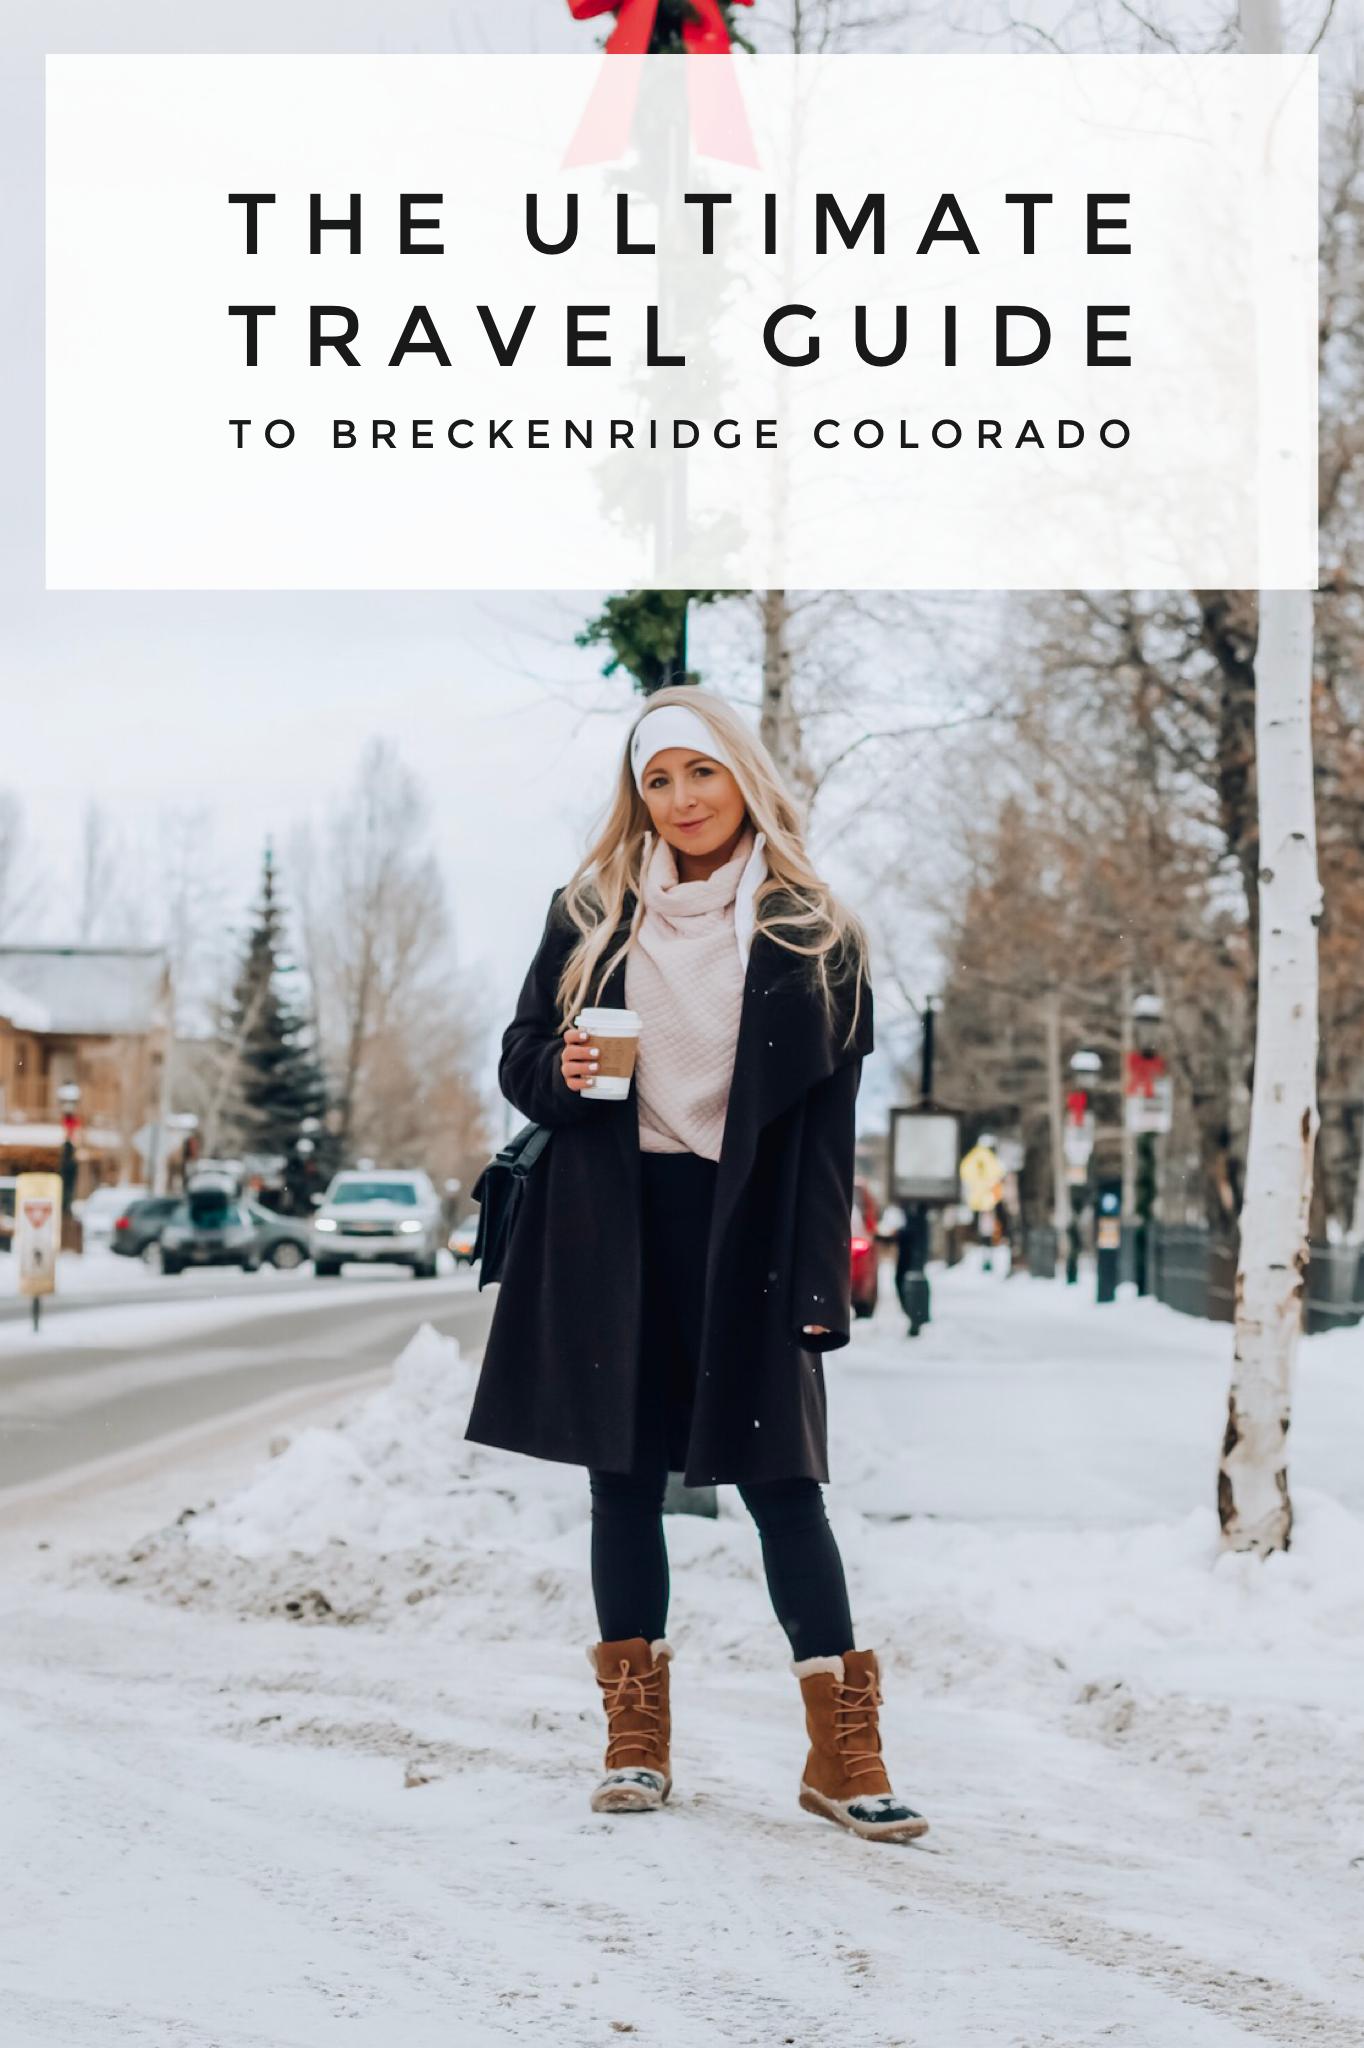 Travel Guide To Breckenridge